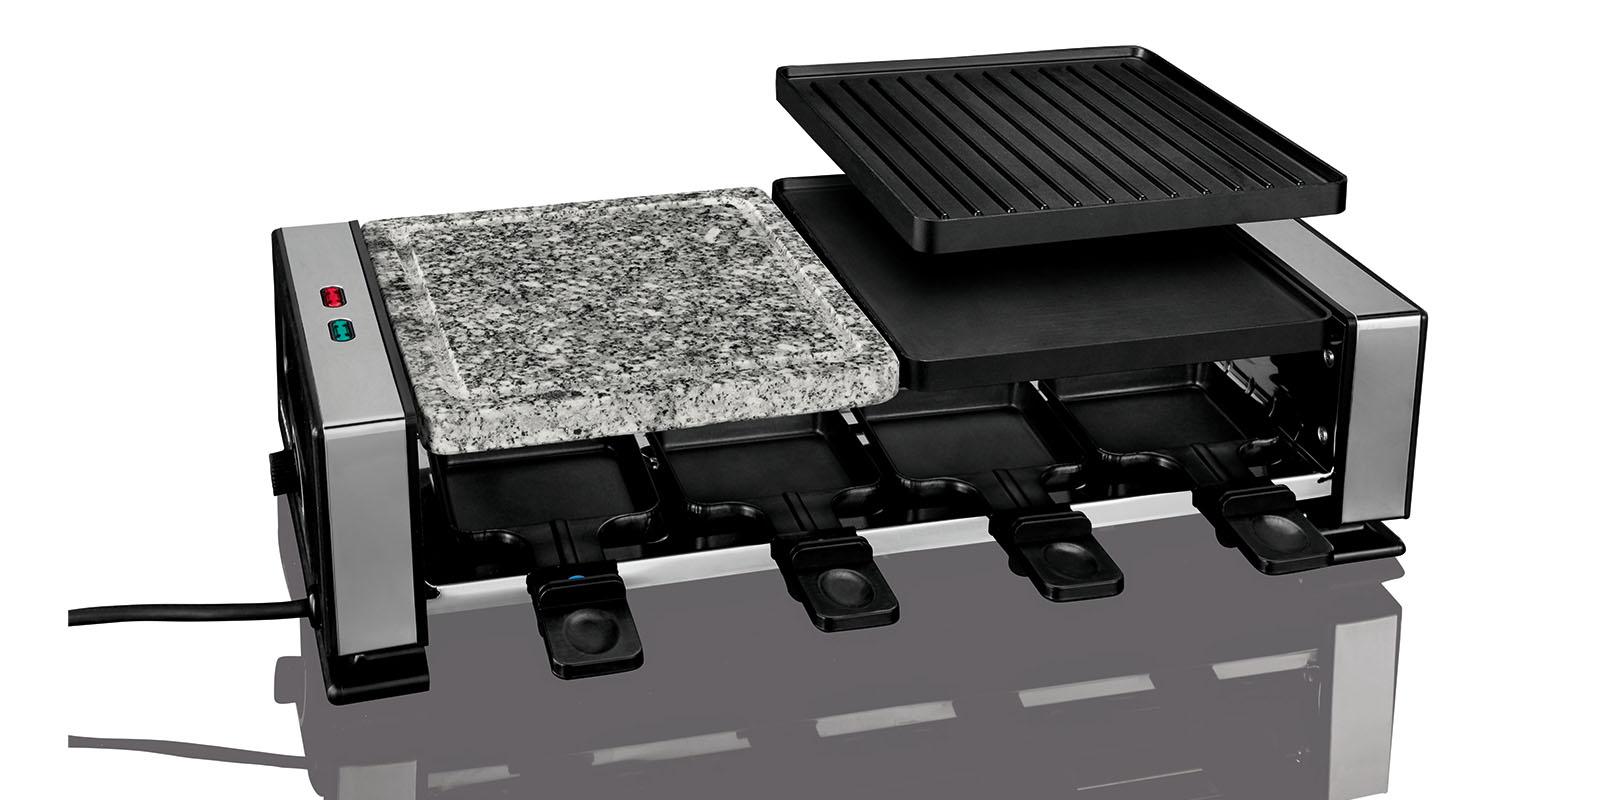 raclette grill hei er stein racletteger t ebay. Black Bedroom Furniture Sets. Home Design Ideas